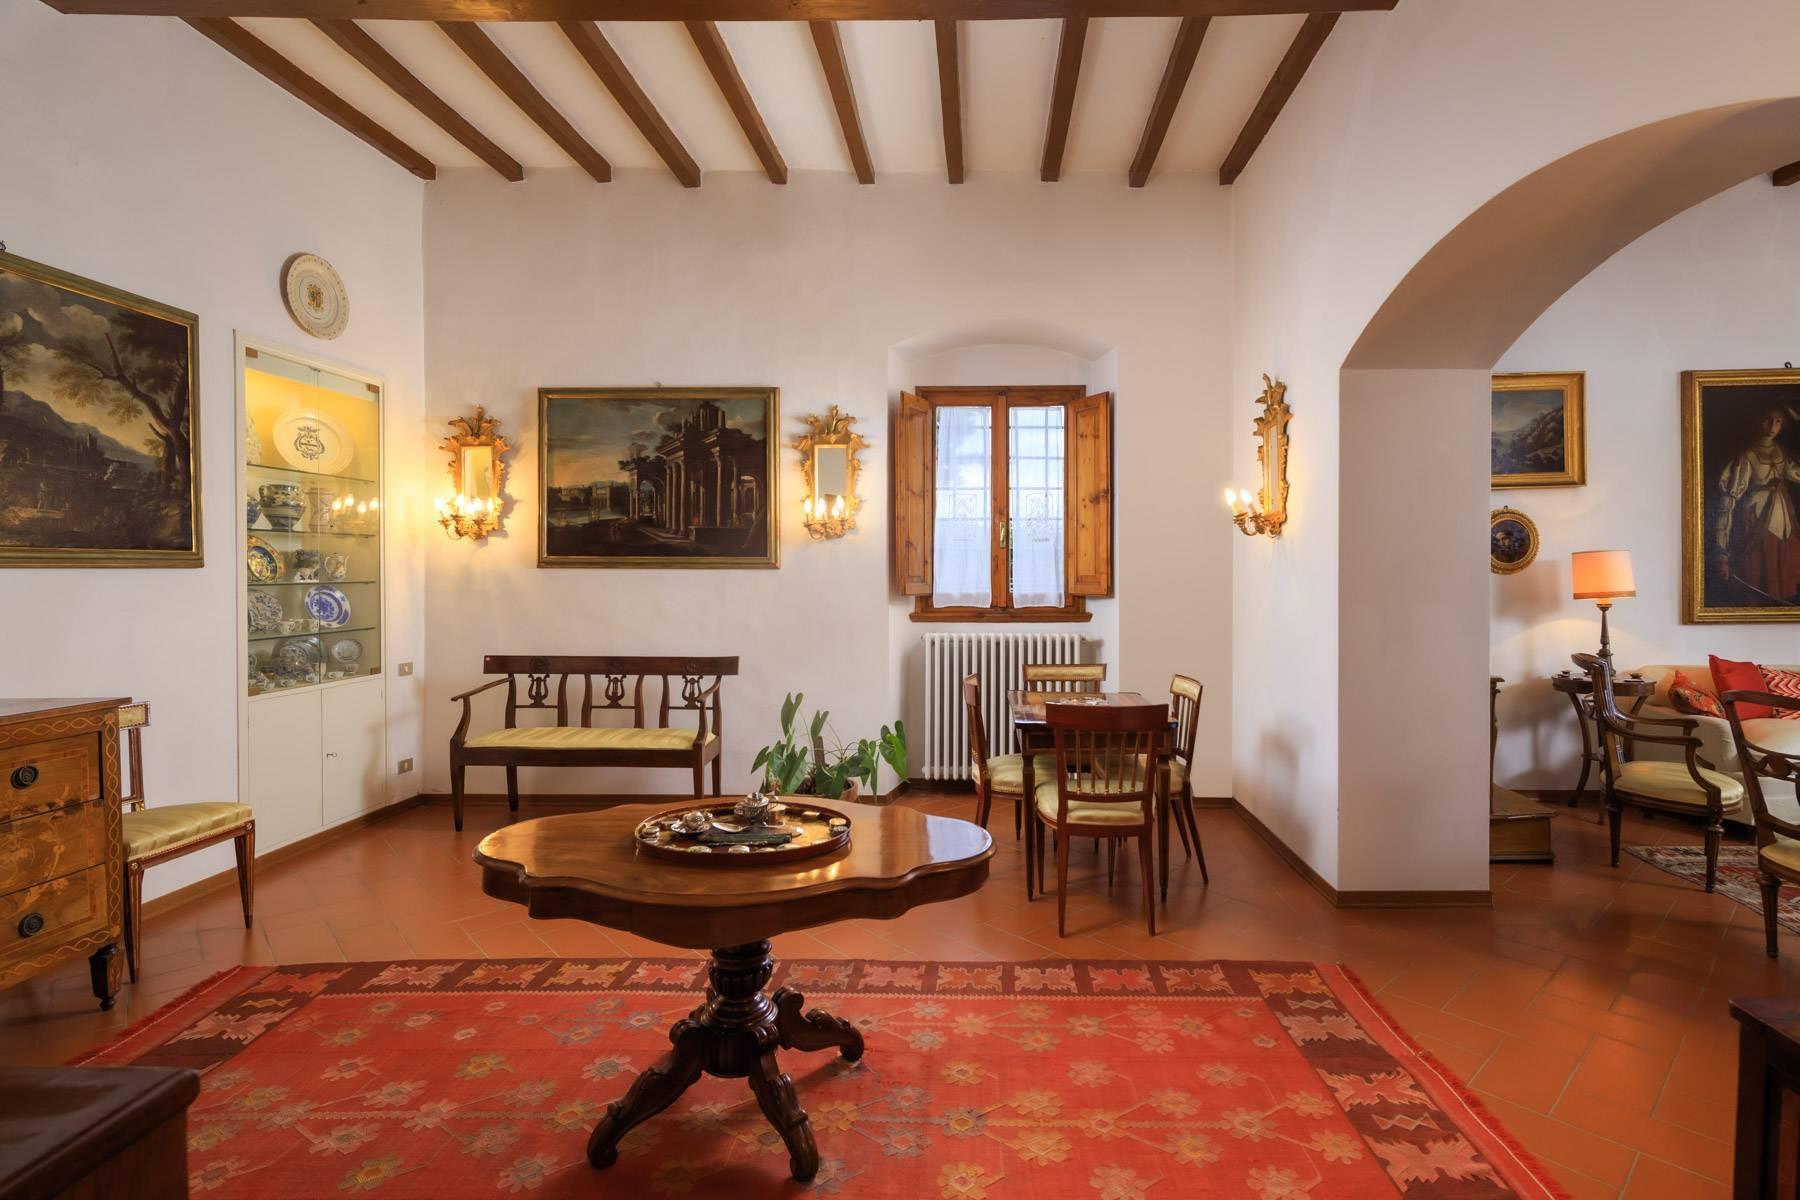 Grande villa antica con oliveto a 10 minuti da Firenze - 23